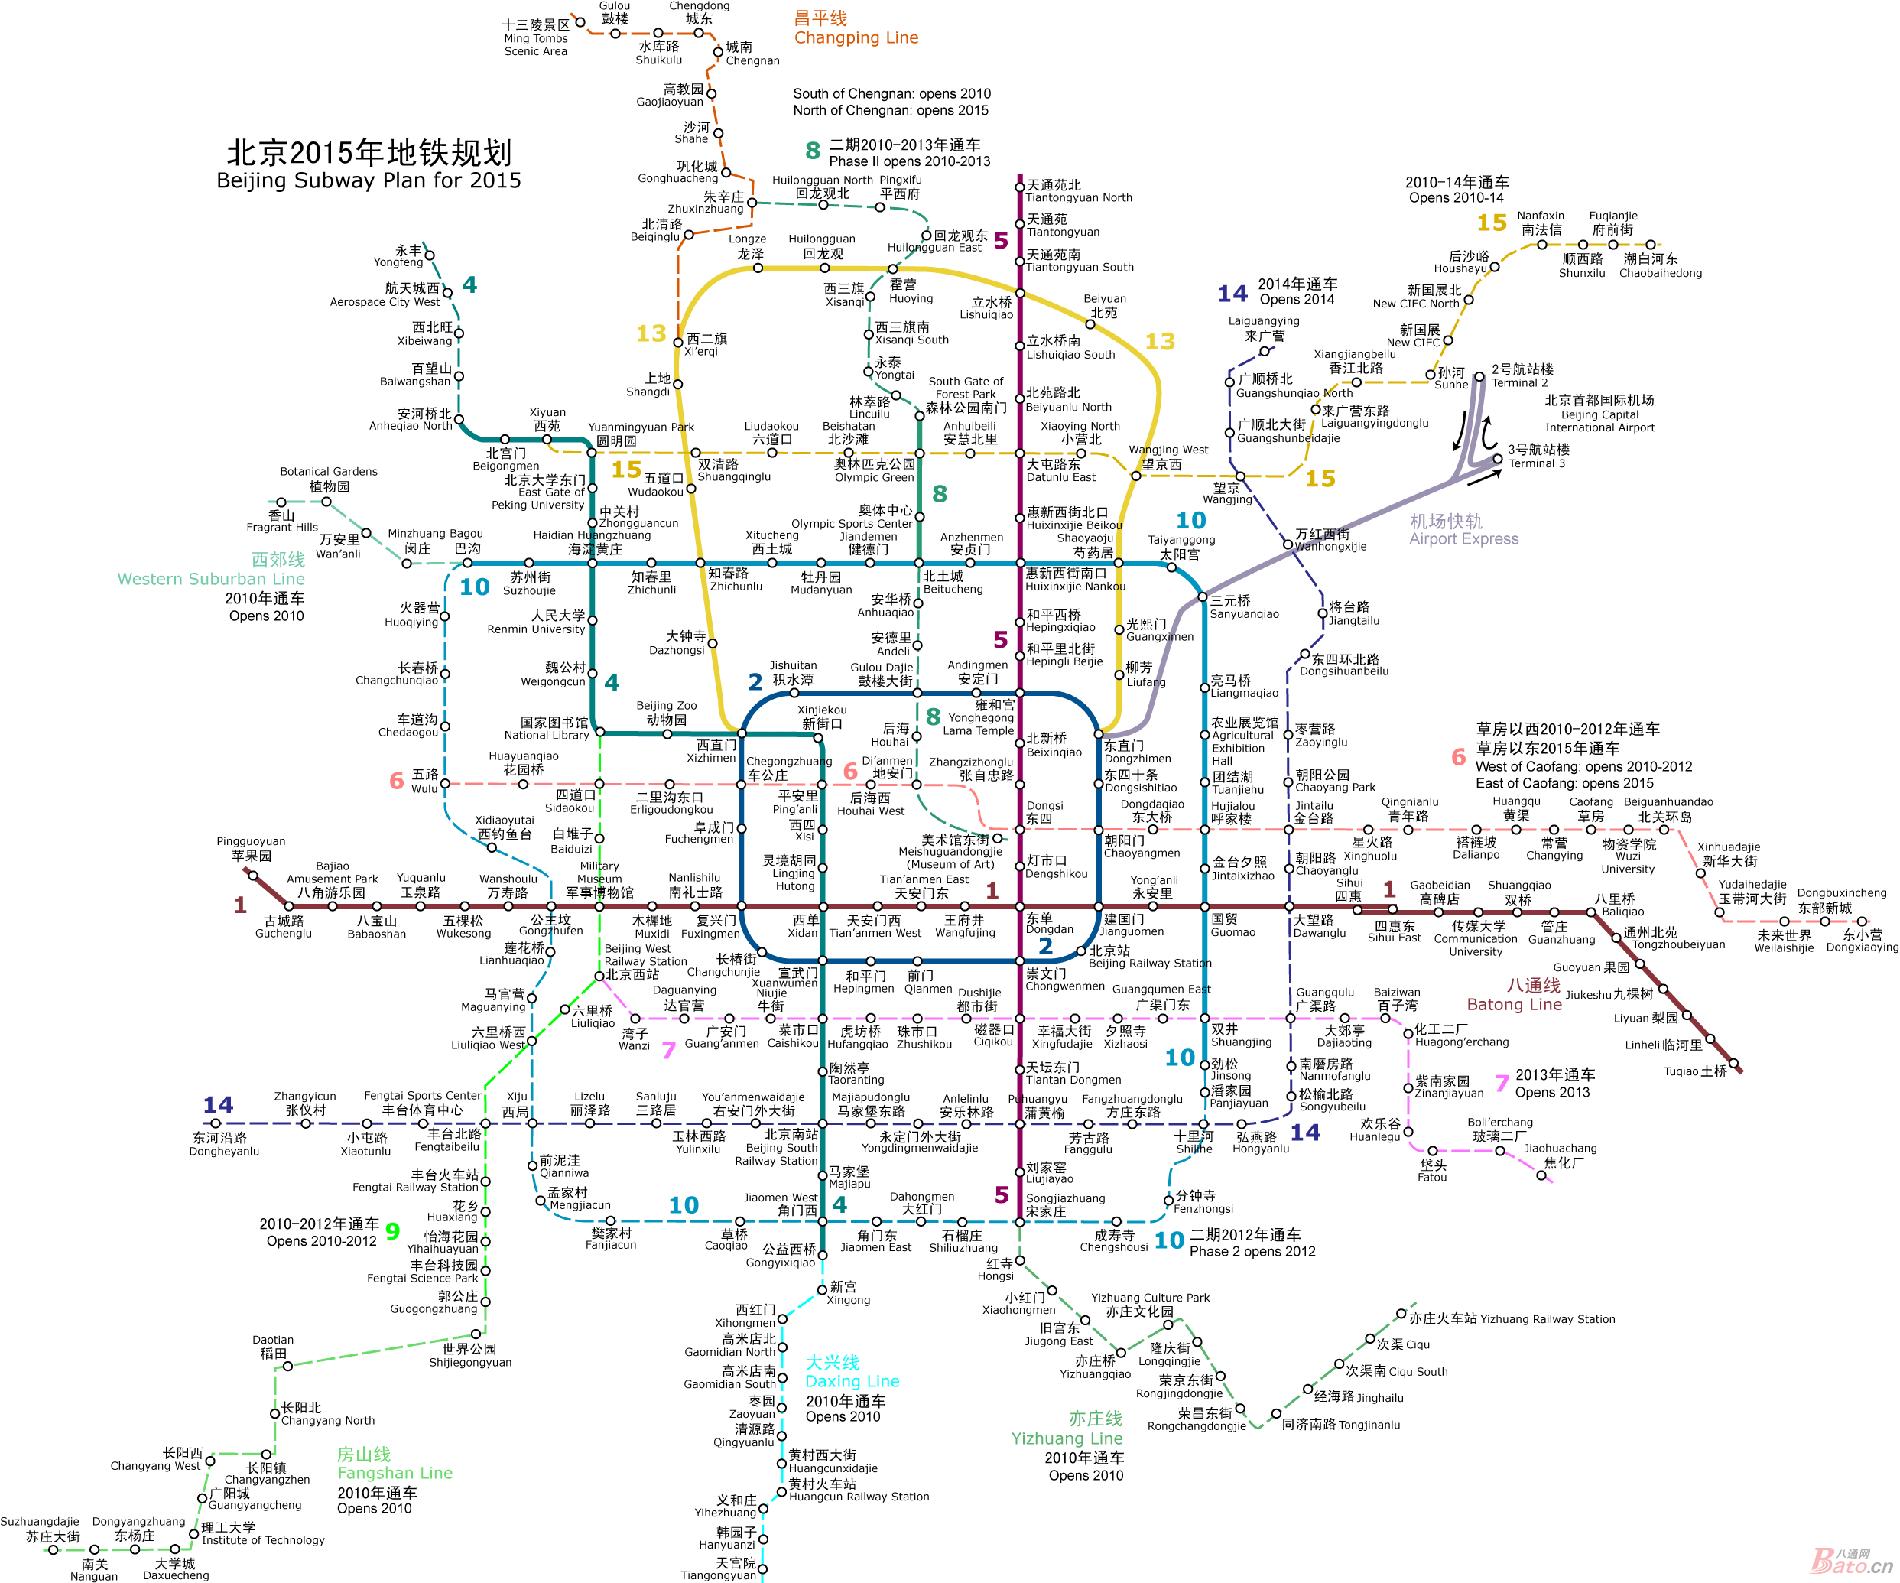 北京地铁最新规划图_最新北京地铁运营图(包括新开通的9号线、8号线等等)_百度知道